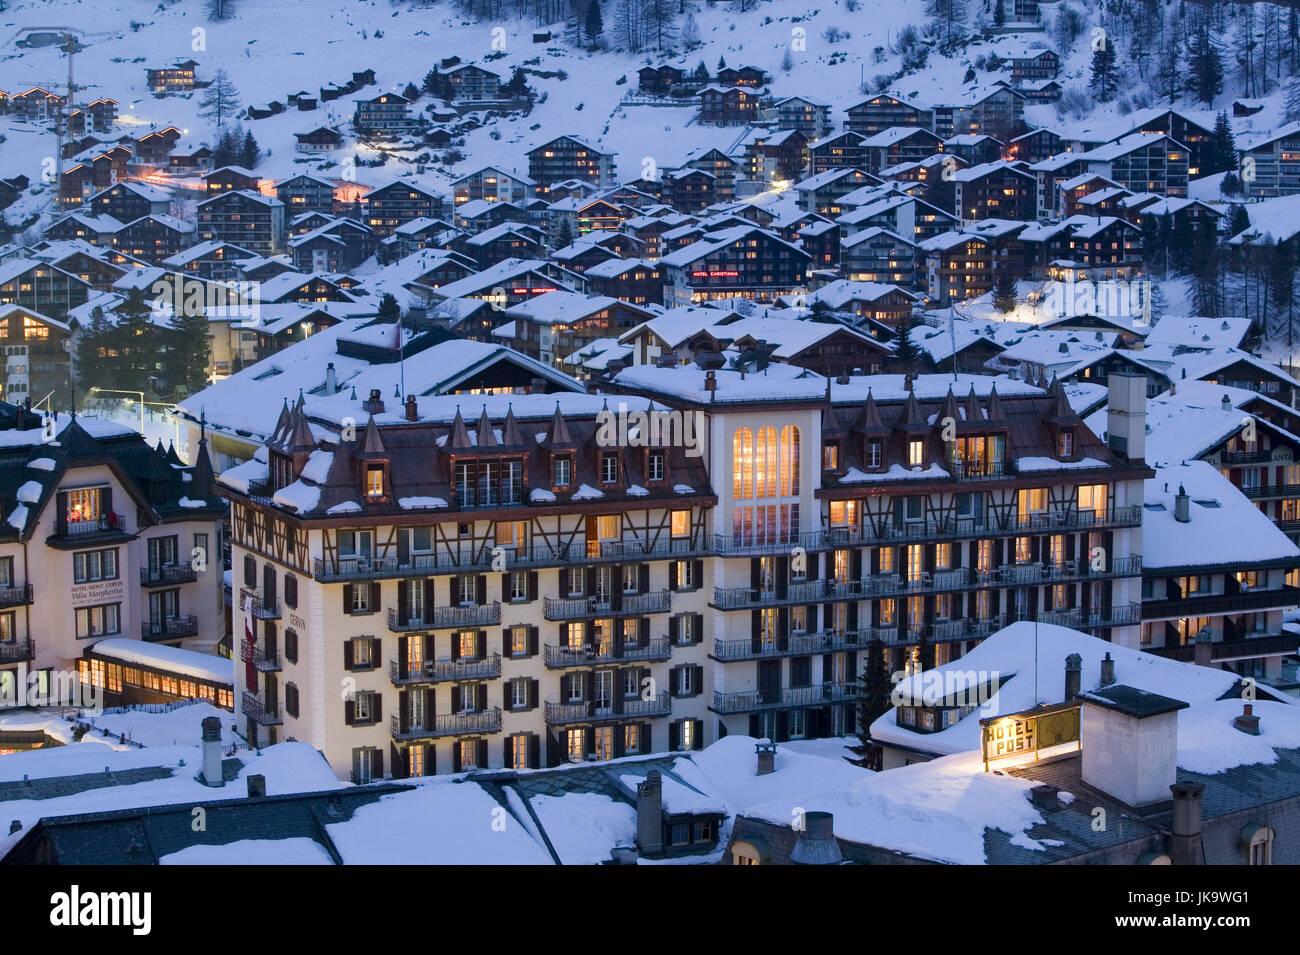 Schweiz, Kanton Wallis, Zermatt,  Stadtübersicht, Hotel Mont Cervin,  Winter, Abend, Valais, Mattertal, autofrei, - Stock Image